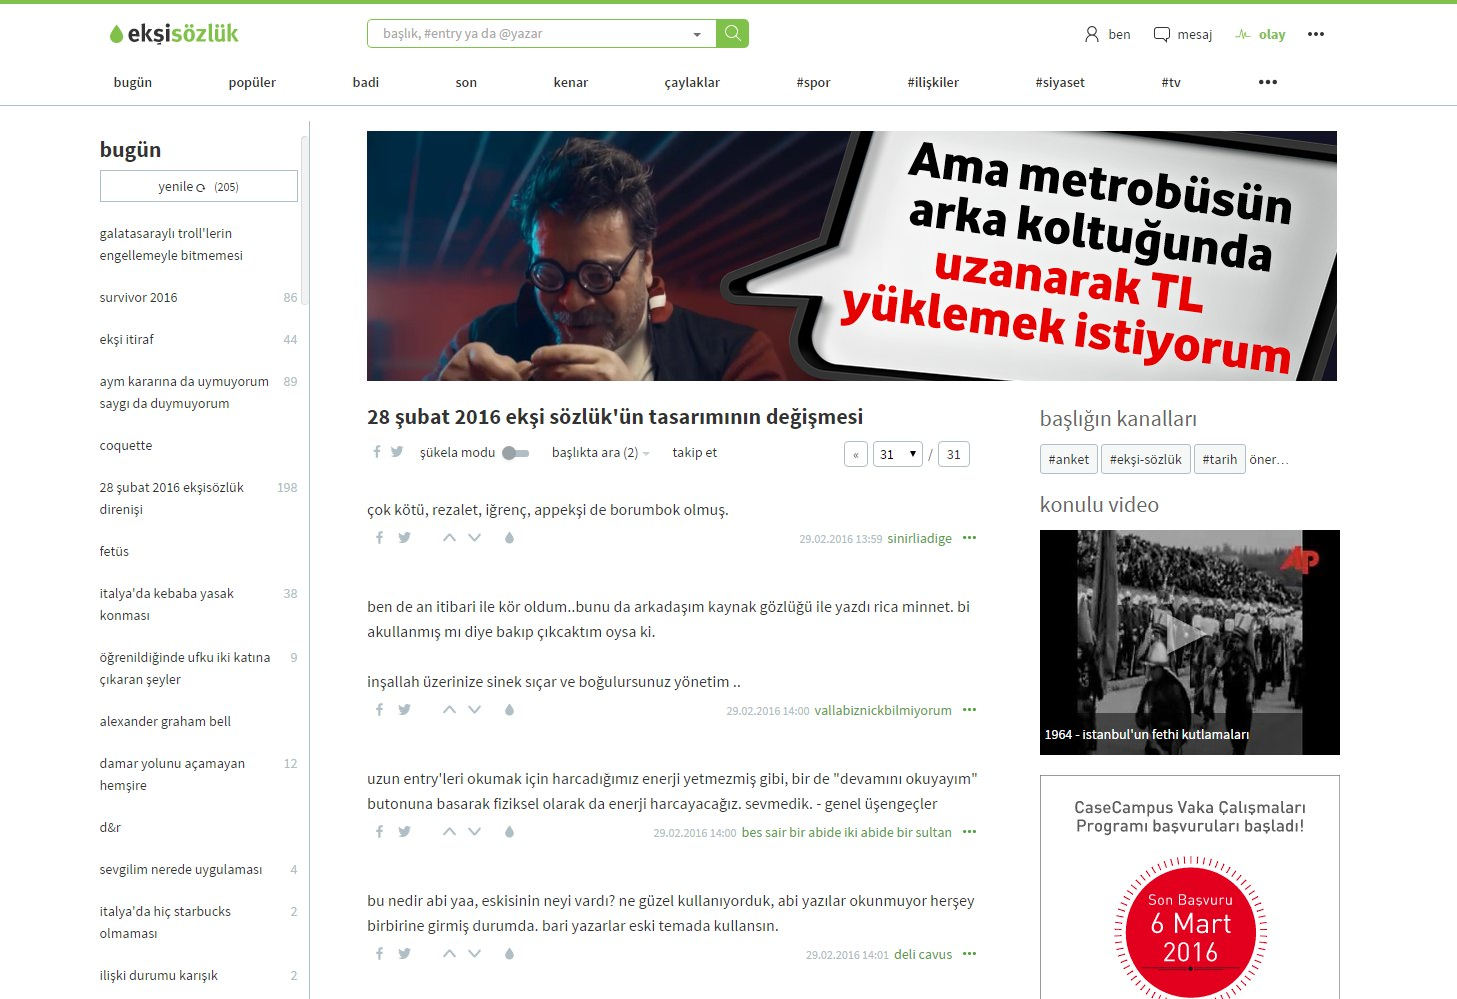 Ekşi Sözlük'ün Yeni Muhteşem(!) Tasarımı